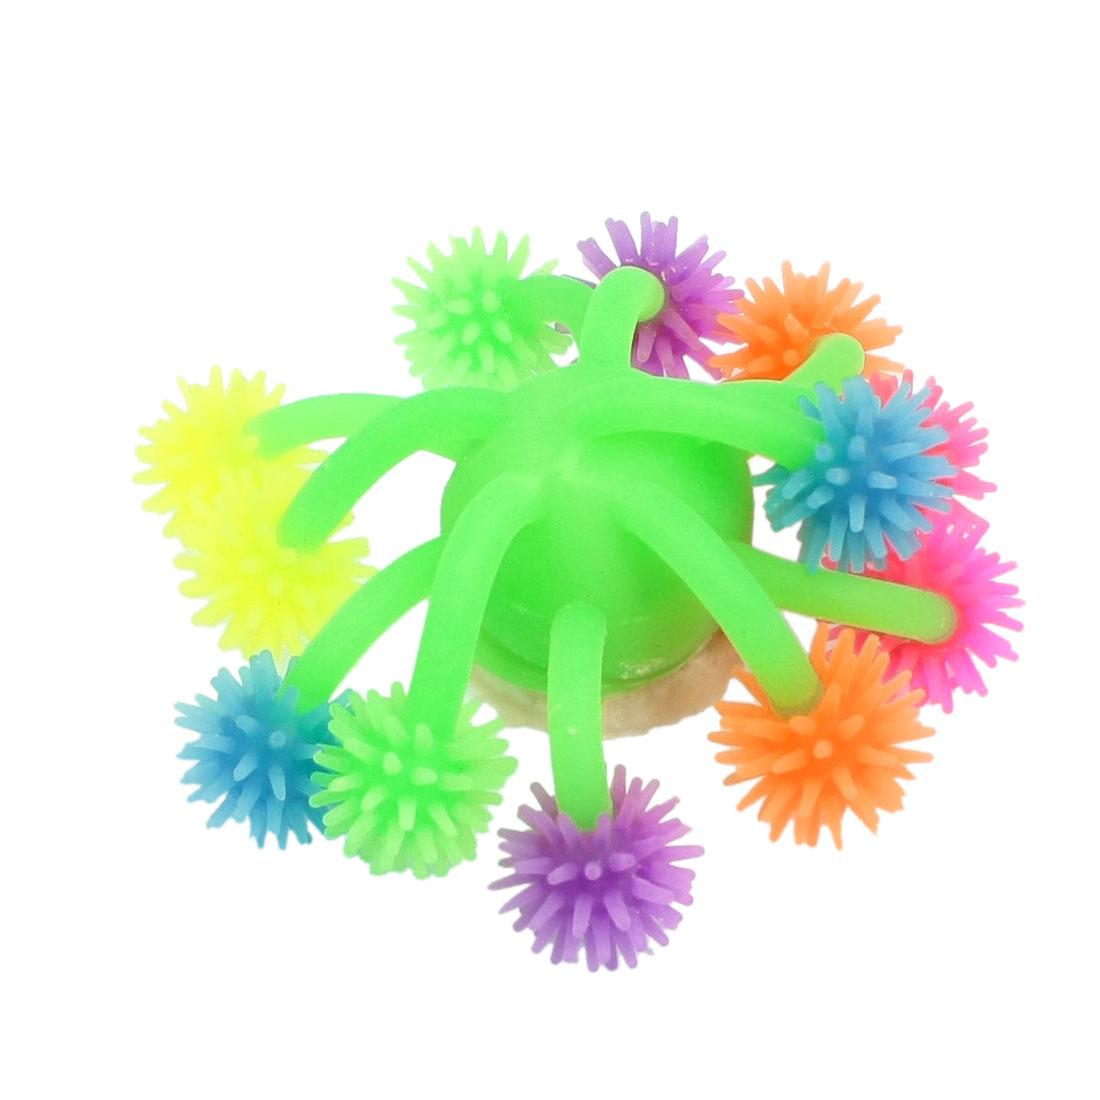 """Multicolor Soft Silicone Sea Coral Ornament 3.7"""" Width for Fish Aquarium"""